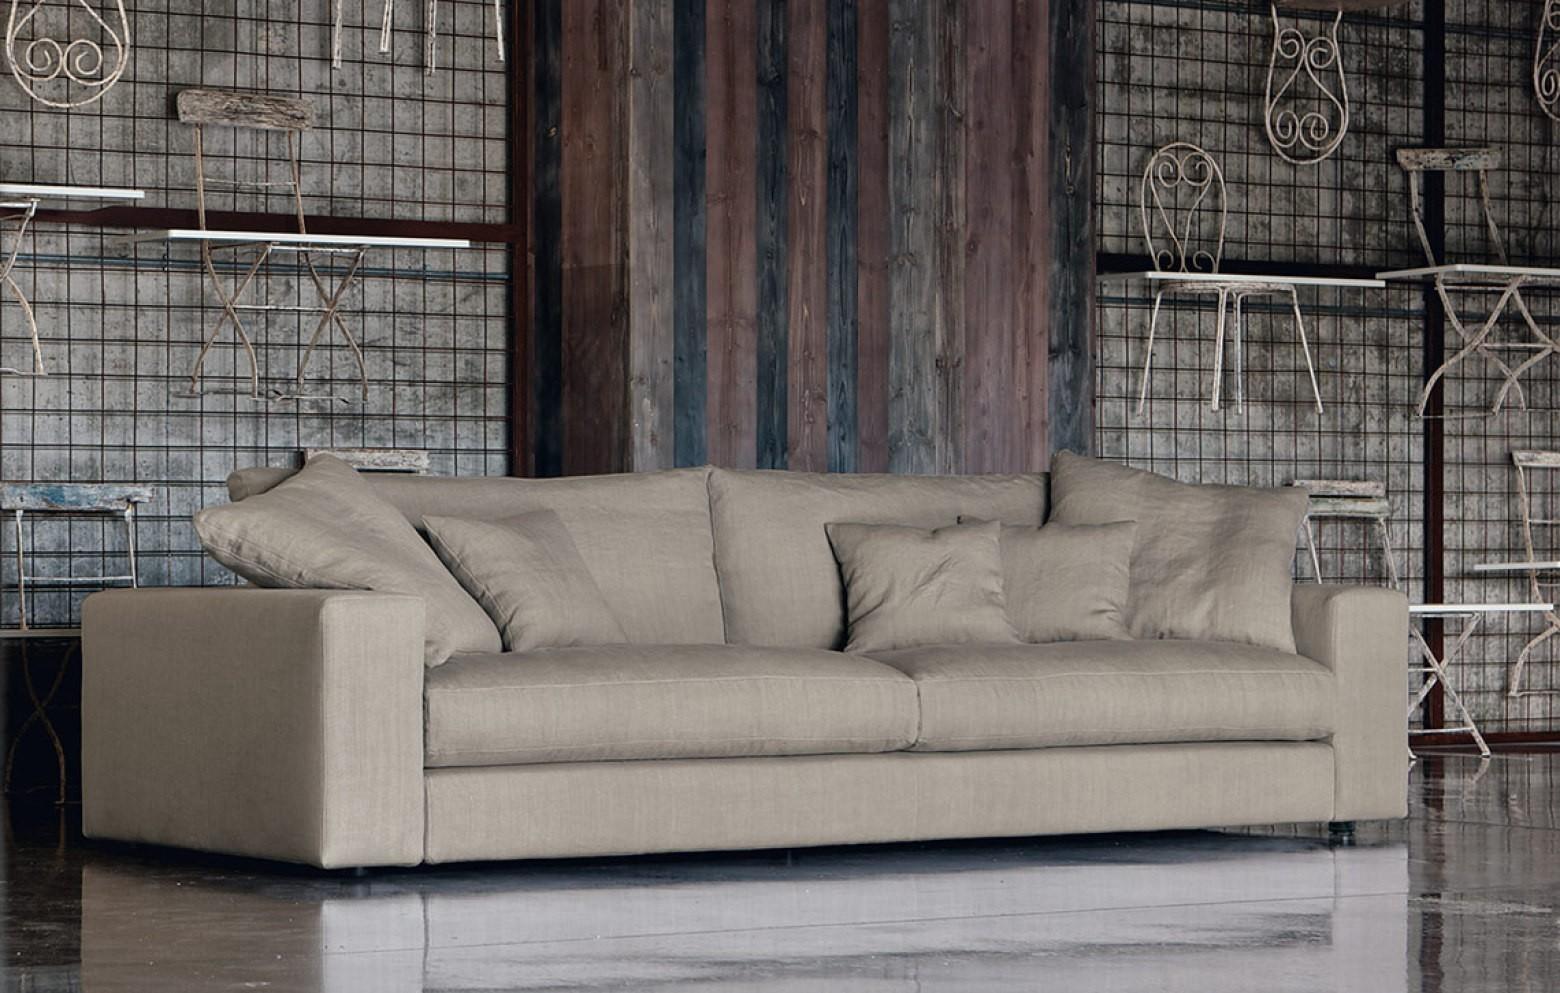 Full Size of Sofa Konfigurator Summer Sonderedition Einzelsofa Einzelsofas Polstermbel Ewald Schillig München Relaxfunktion Vitra Auf Raten Bezug 2 Sitzer Mit Sofa Sofa Konfigurator